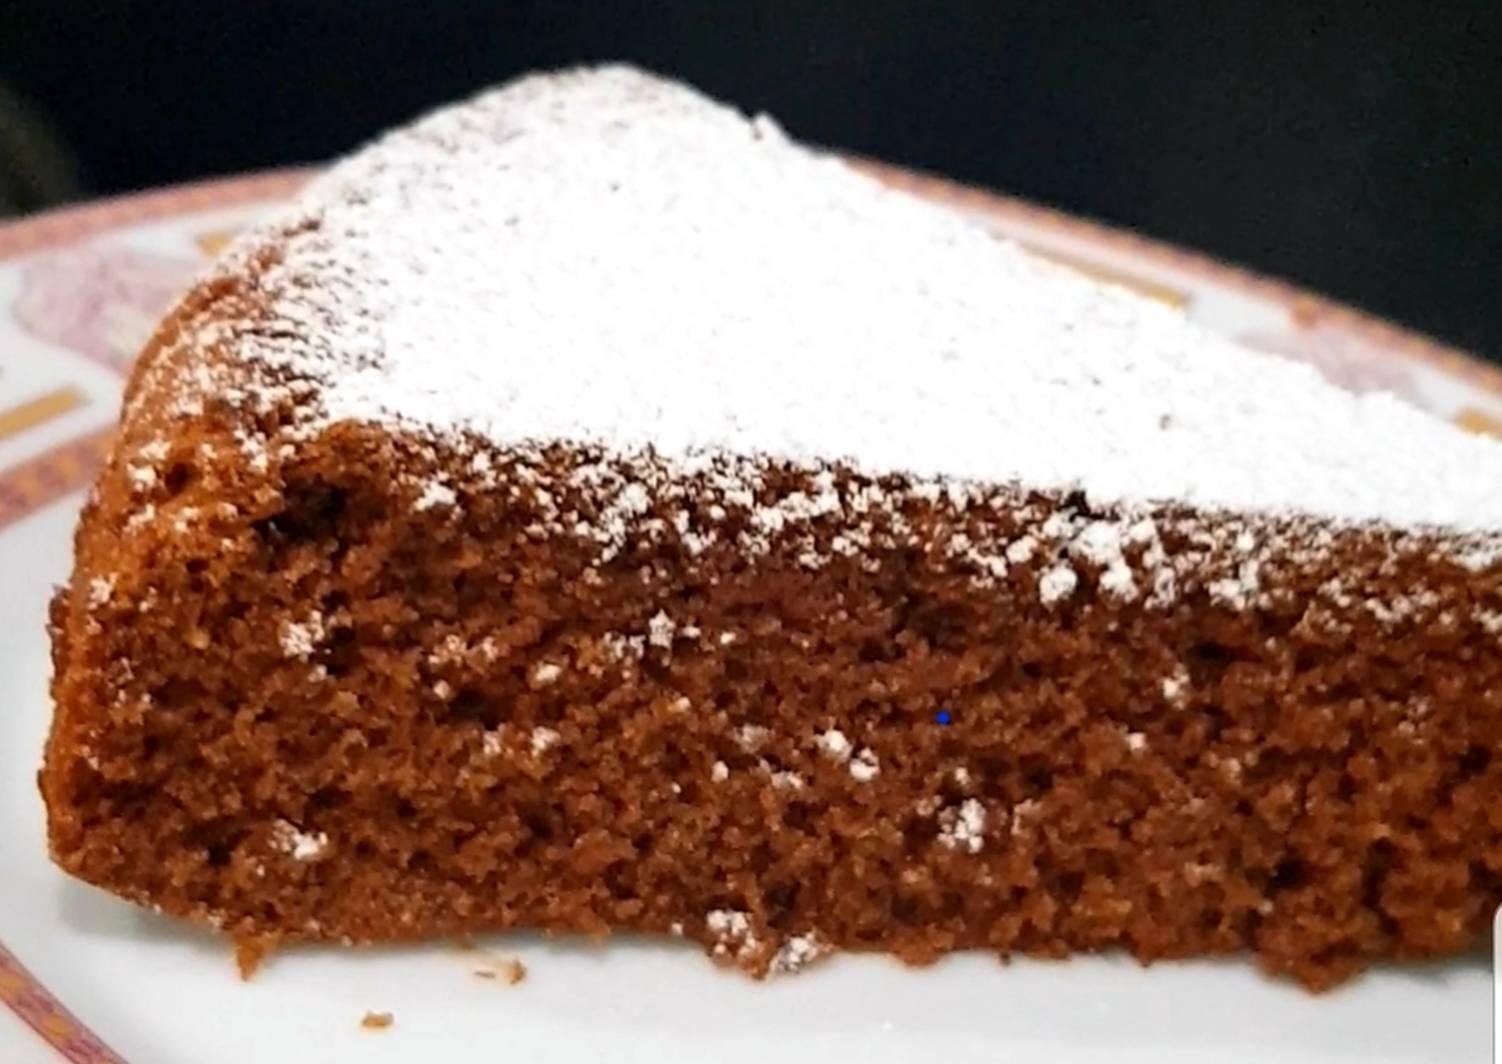 приснился шоколадный бисквит в мультиварке рецепты с фото древние спартанцы были